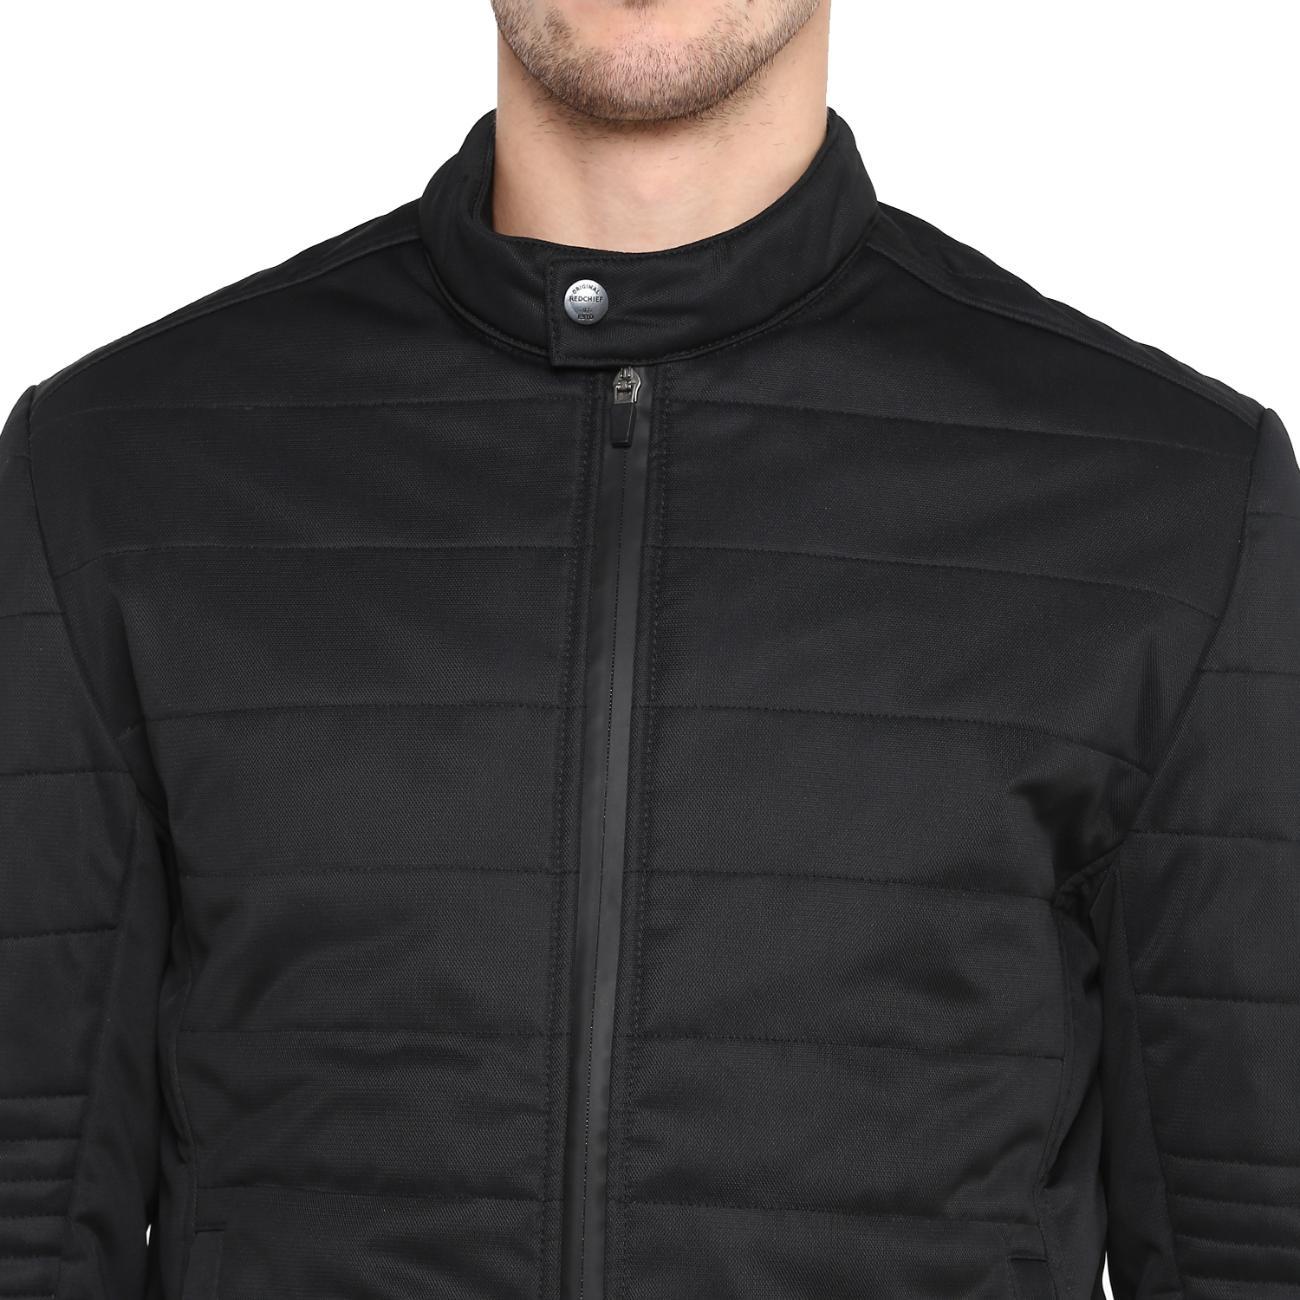 Men's Black Biker Jacket Online